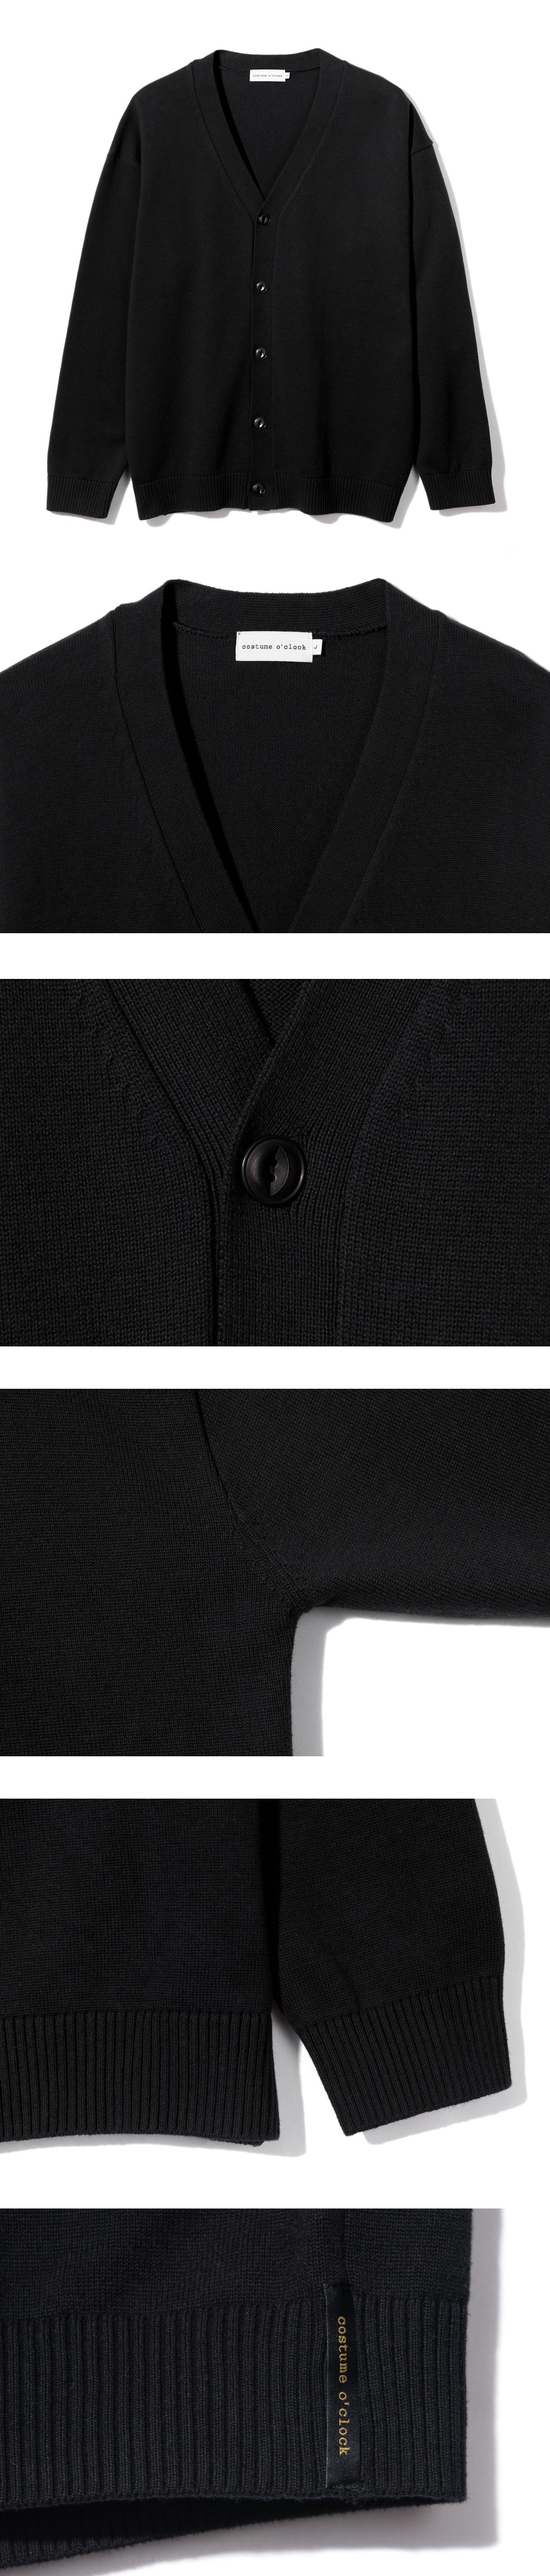 커스텀어클락(COSTUME O'CLOCK) 소프트 베이직 가디건 블랙